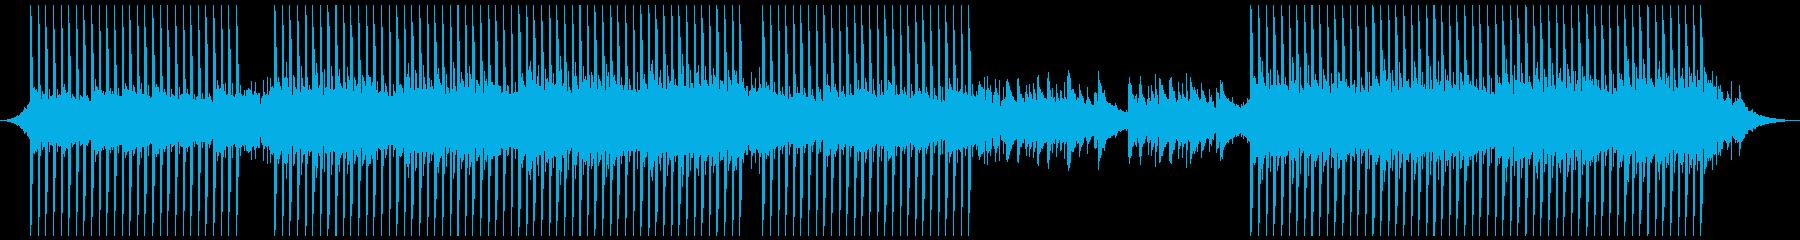 刺激的なアップビートの再生済みの波形